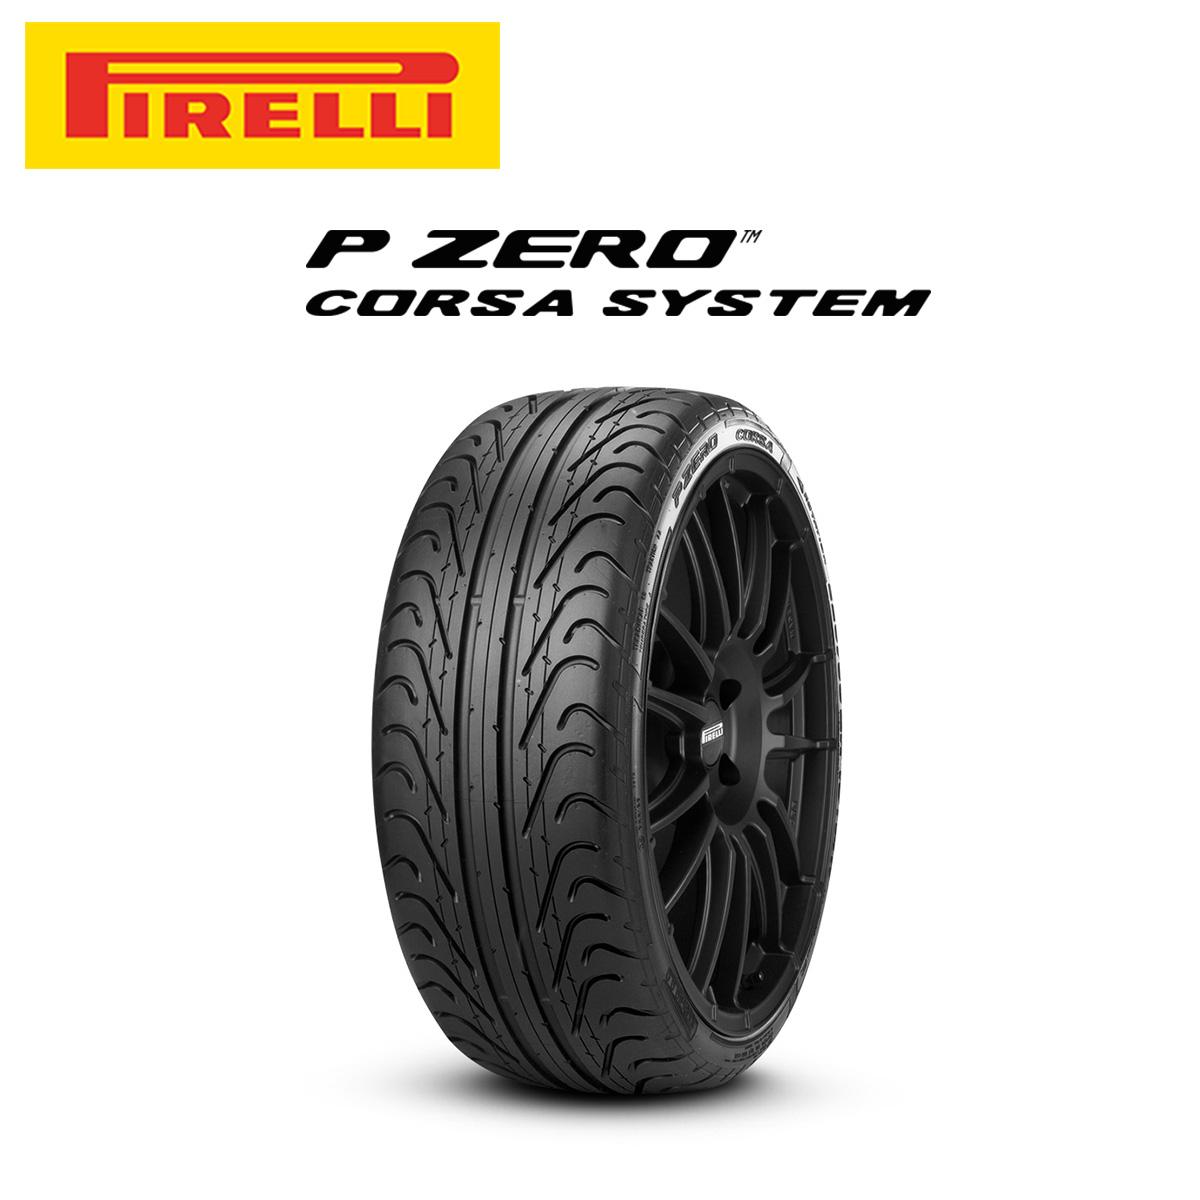 ピレリ PIRELLI P ZERO CORSA ピーゼロコルサ 20インチ サマー タイヤ 4本 セット 255/30ZR20 92Y XL HP:パガーニ承認タイヤ 2813500